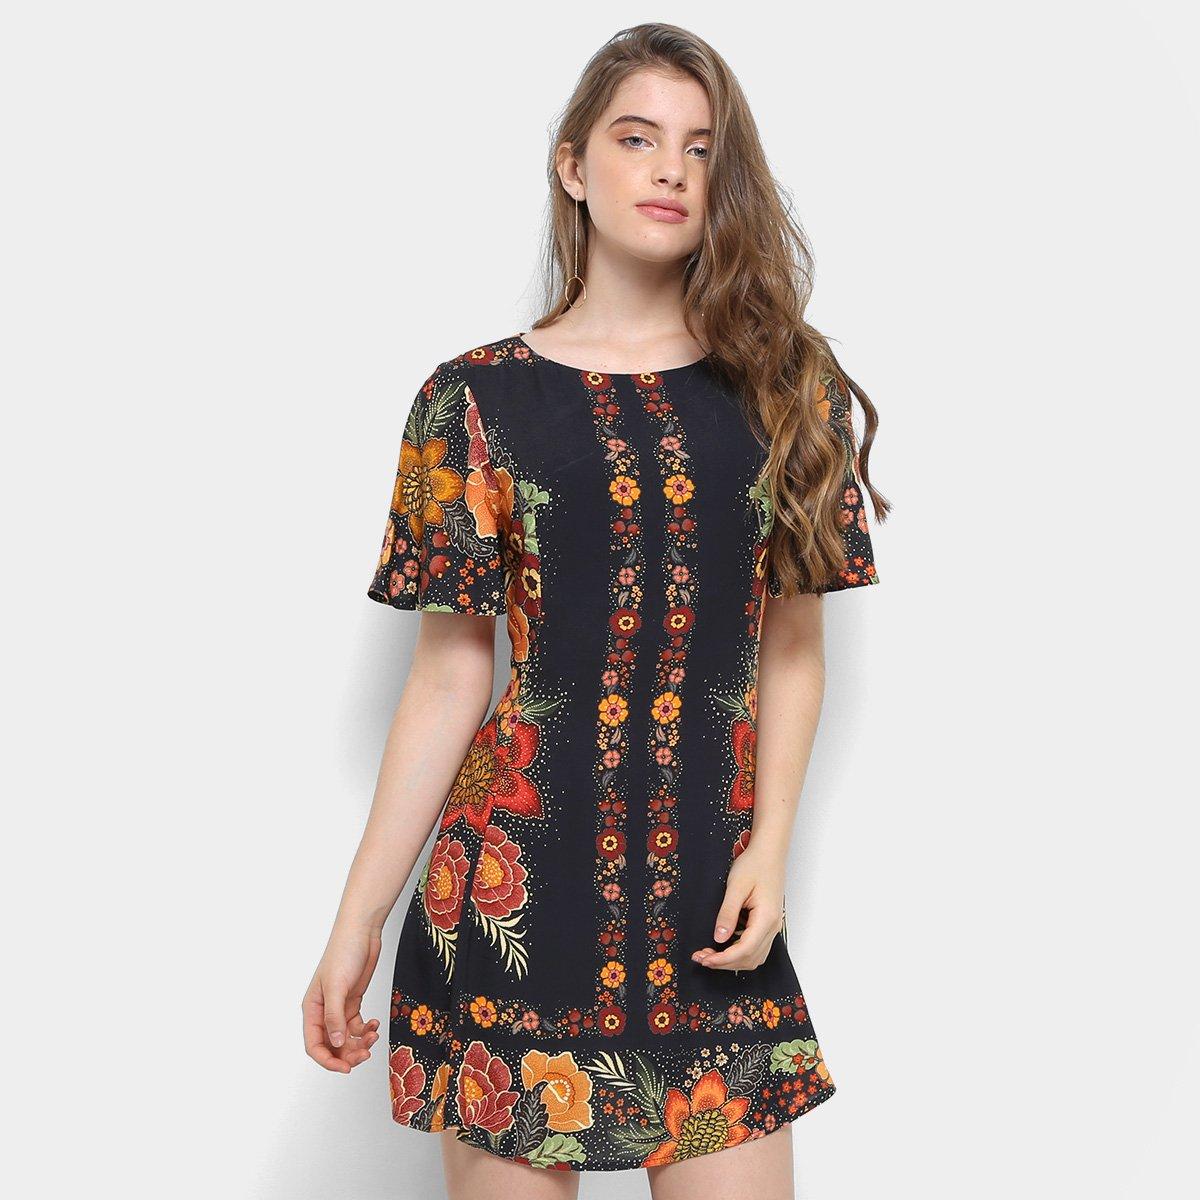 f938bc502 Vestido Estampado Floral Farm Manga Curta Feminina | Zattini